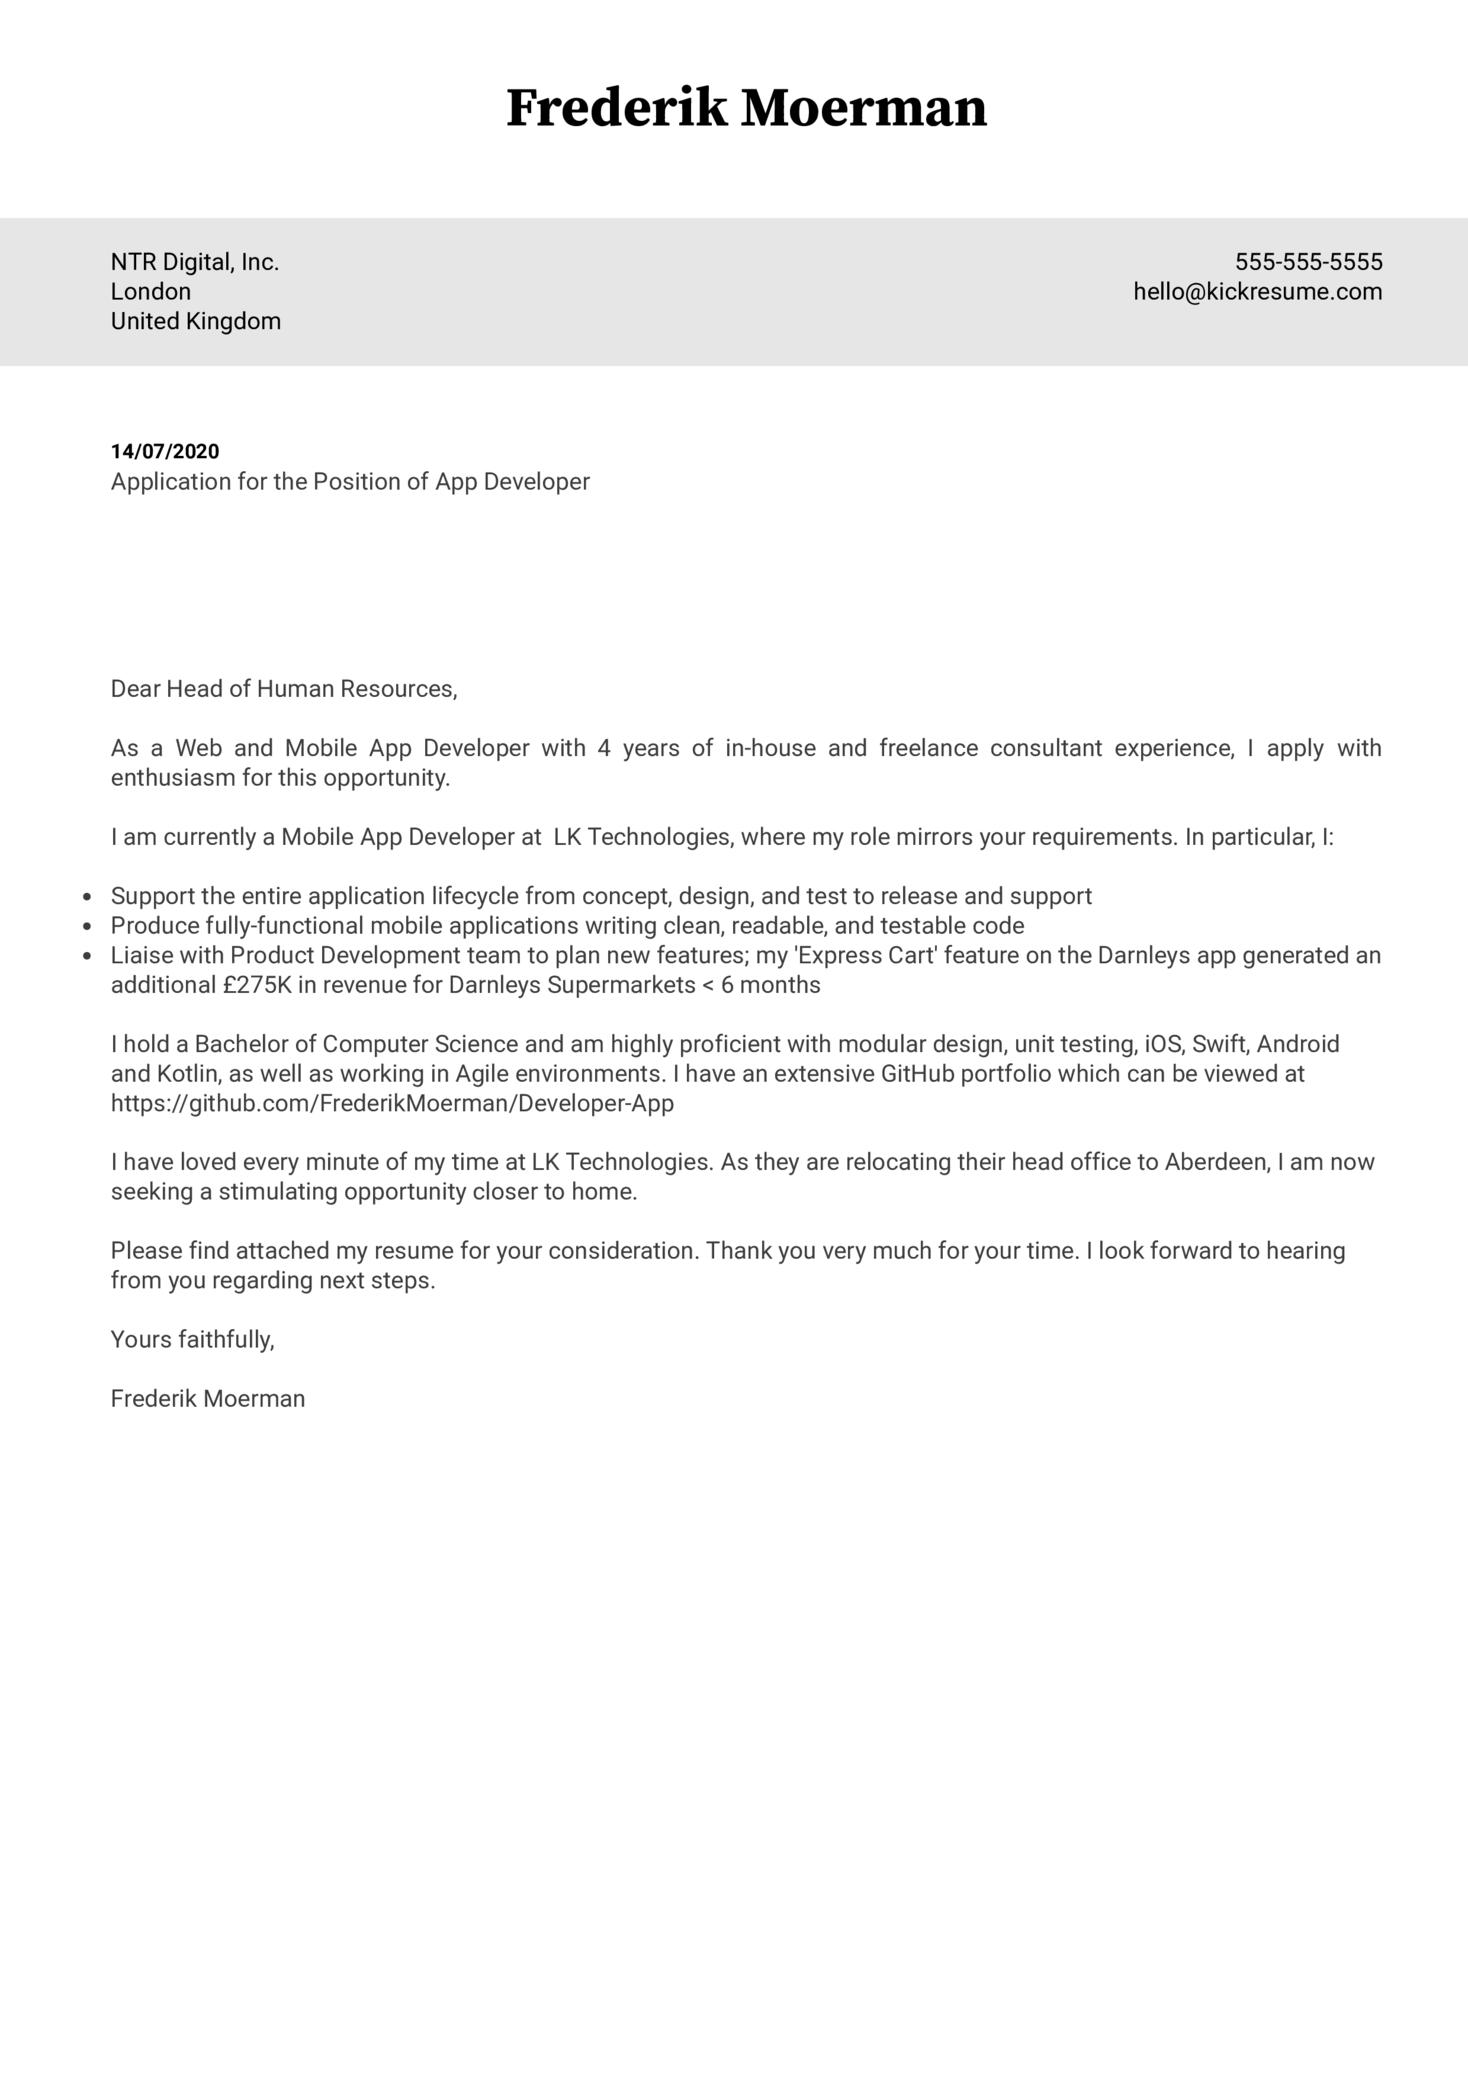 App Developer Cover Letter Example